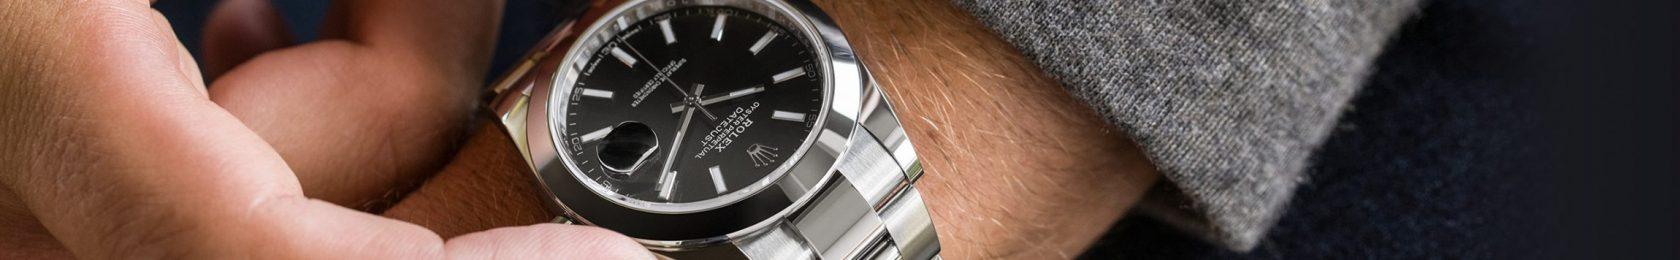 rolex-servicing-procedure-worn-watch